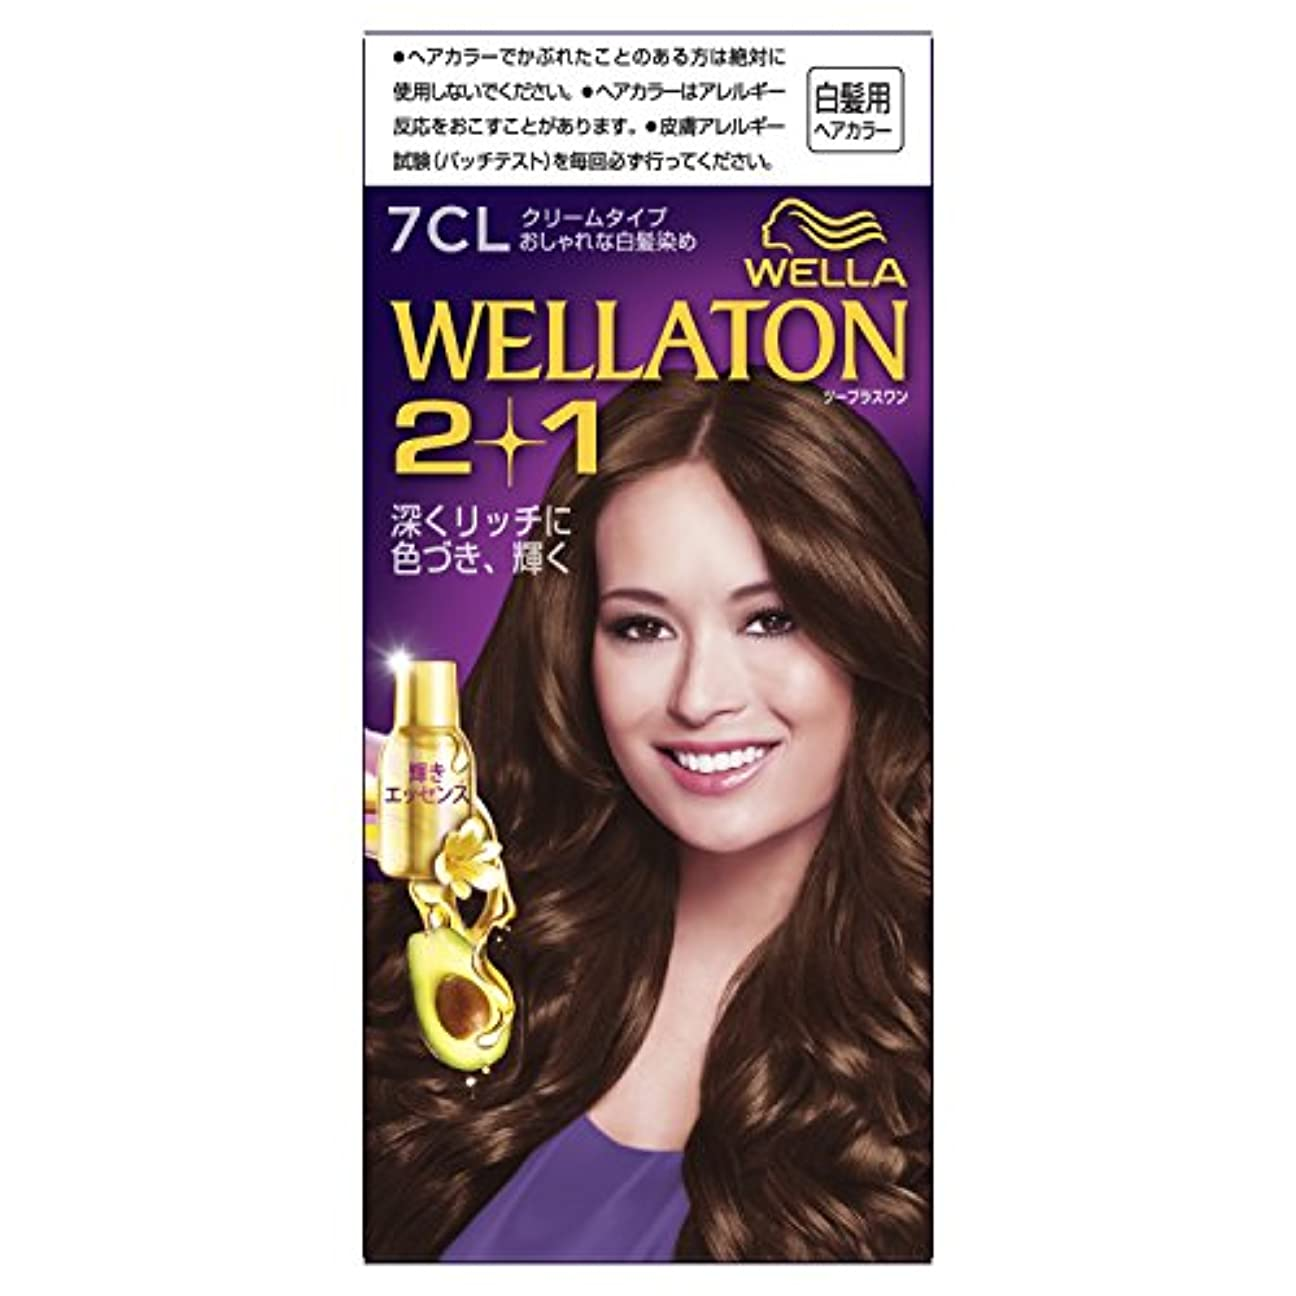 強要ステッチ留め金ウエラトーン2+1 クリームタイプ 7CL [医薬部外品](おしゃれな白髪染め)